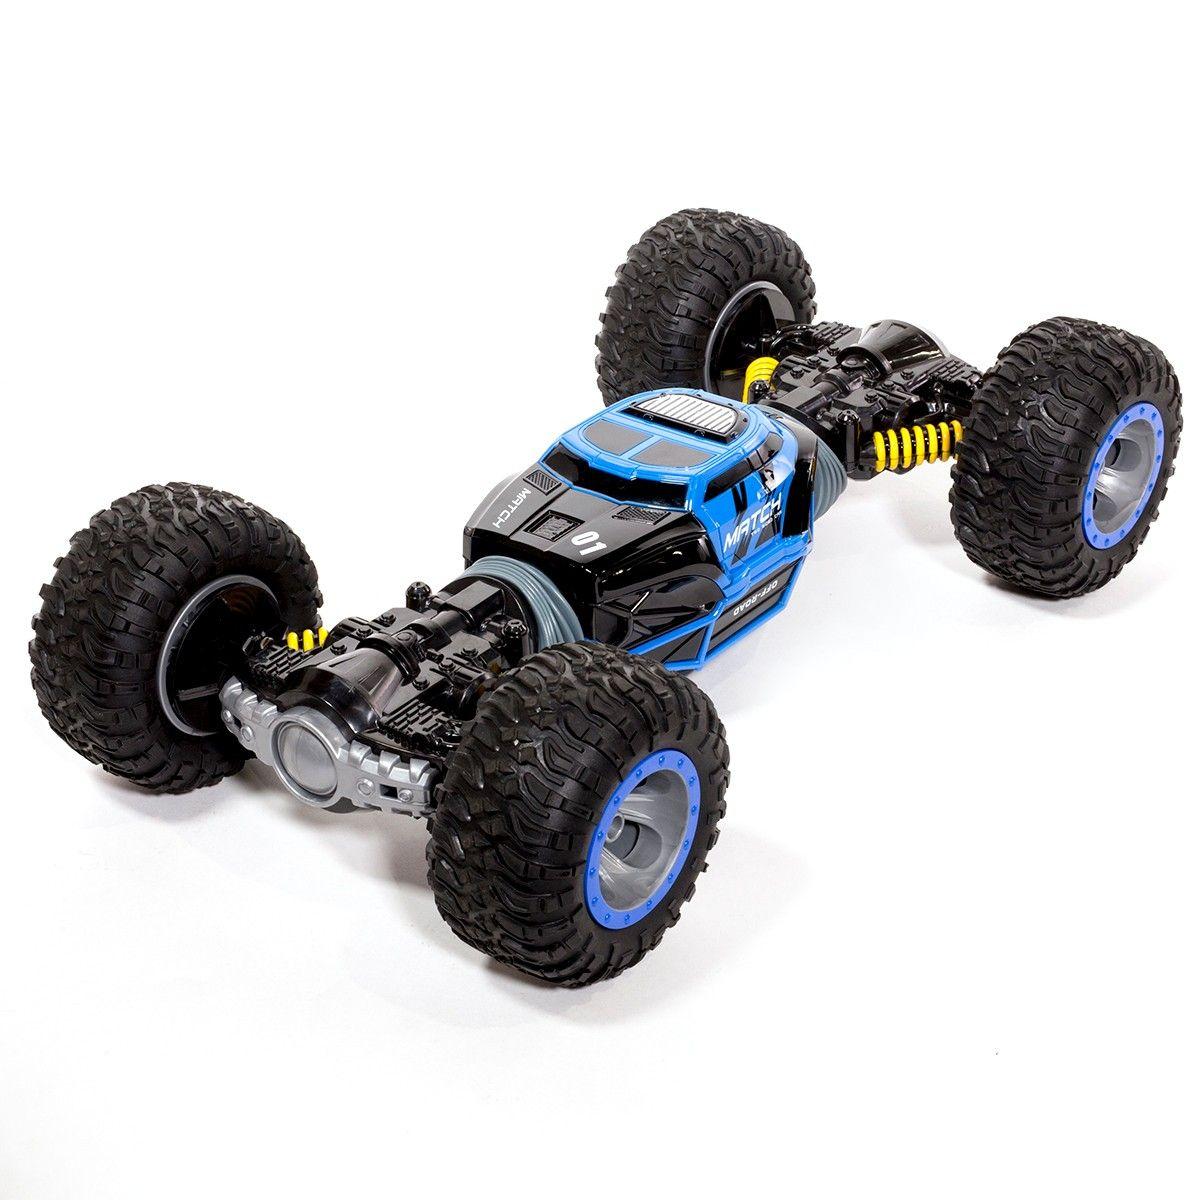 Toys Stunts, Remote, Rc remote